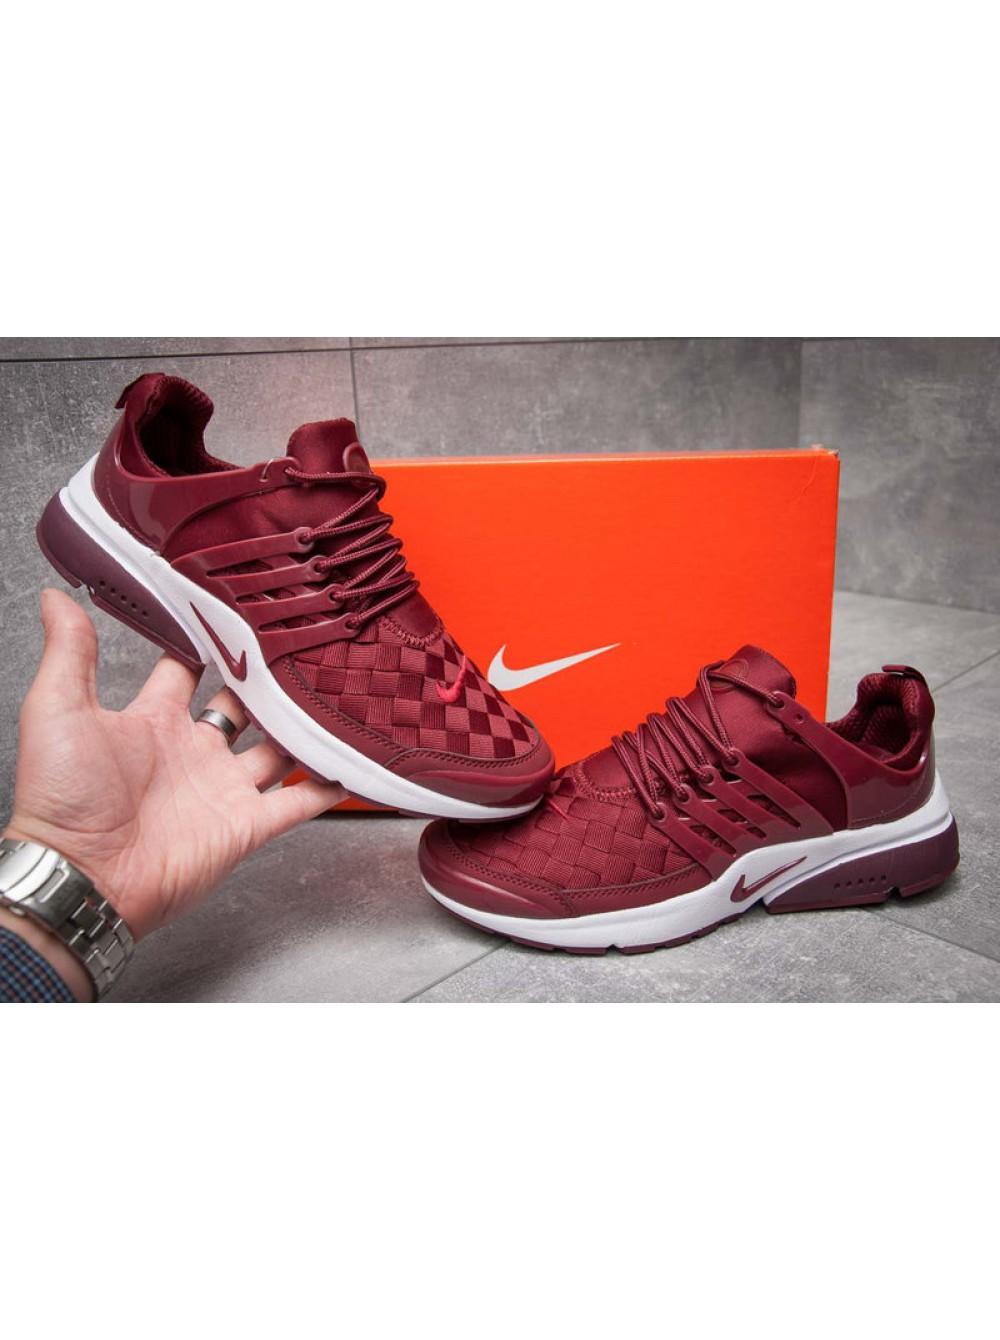 af16b2dc Кроссовки Nike BRS 1000, Бордовые. 13075, 41-46р. купить в Киеве | KED